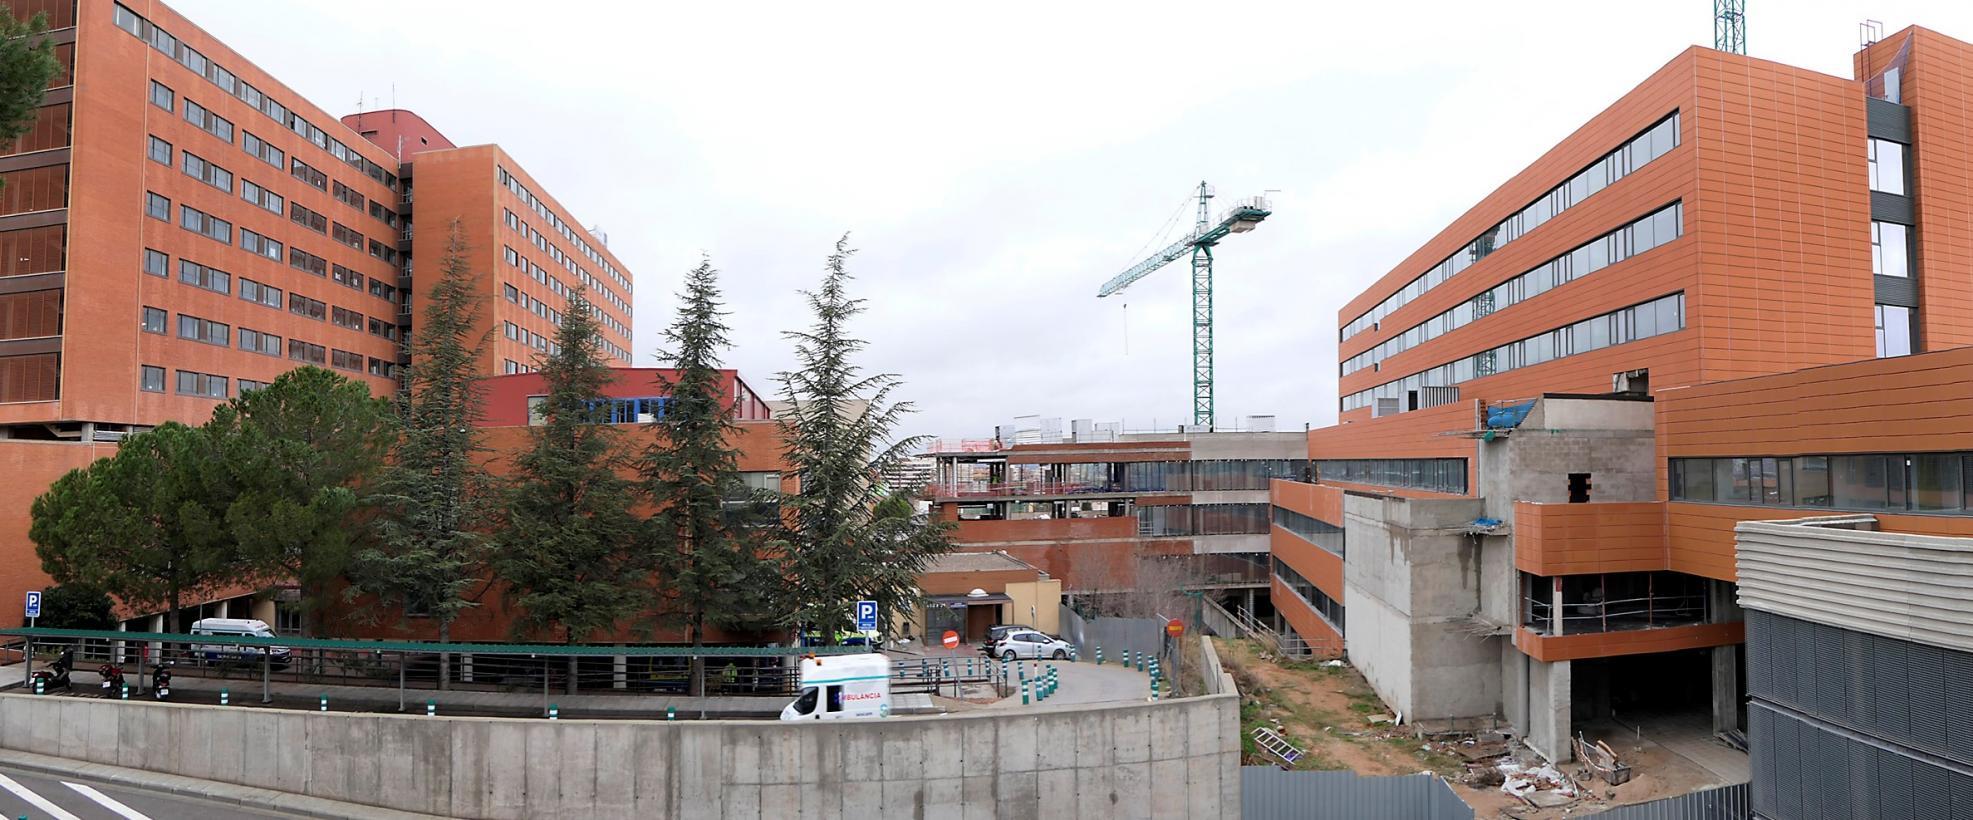 El Gobierno de Castilla-La Mancha anuncia la licitación para el equipamiento y el plan de traslado al nuevo Hospital de Guadalajara